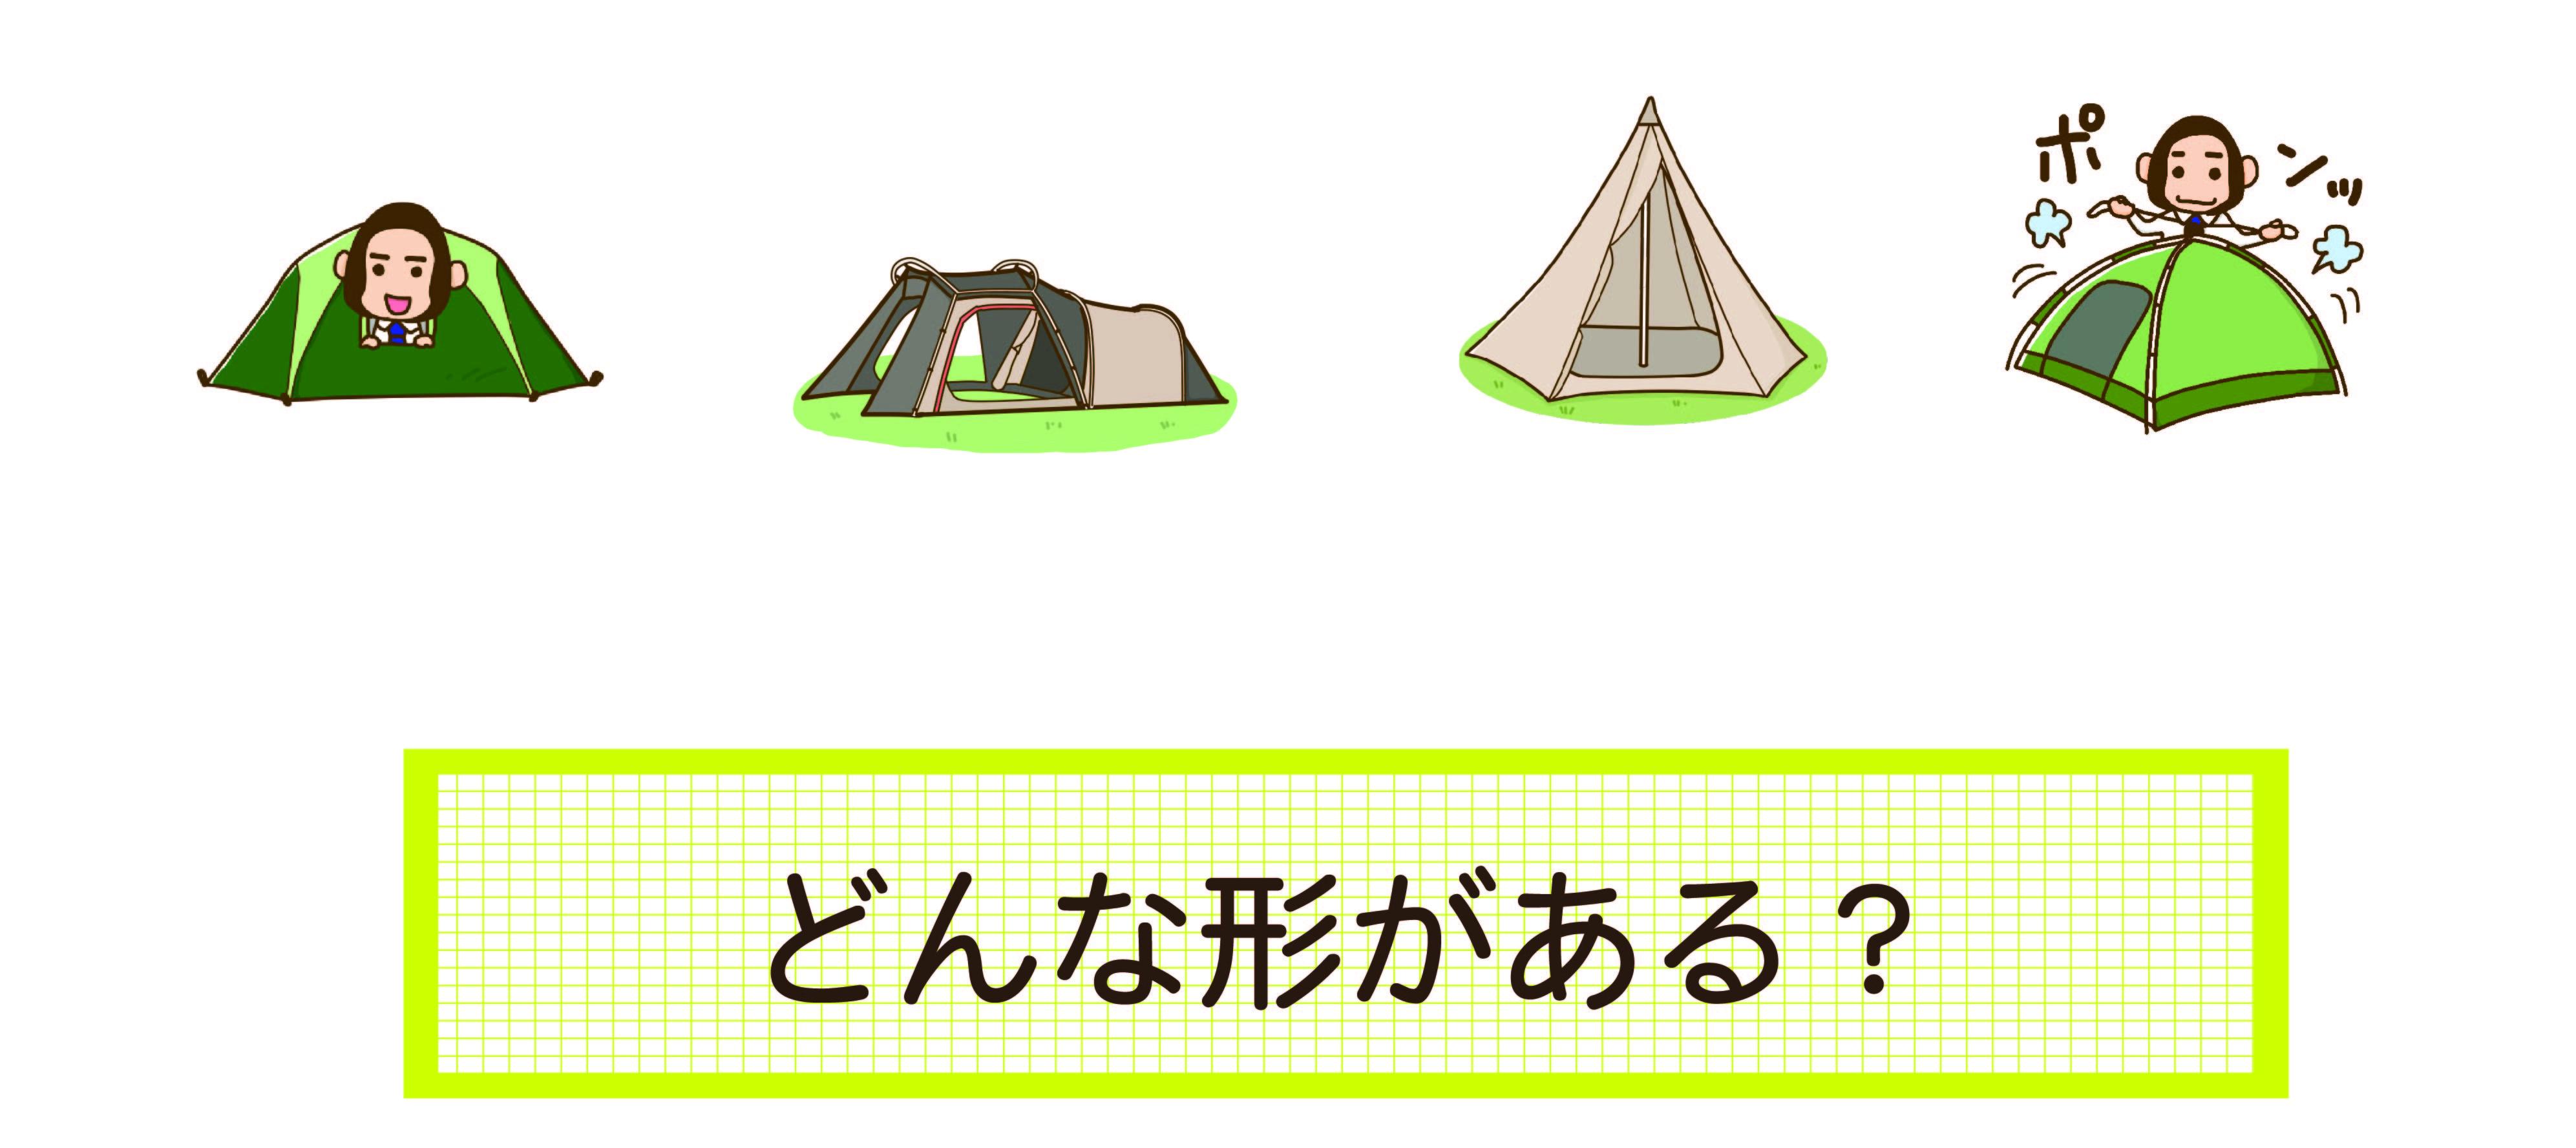 いろいろなテントのイラスト